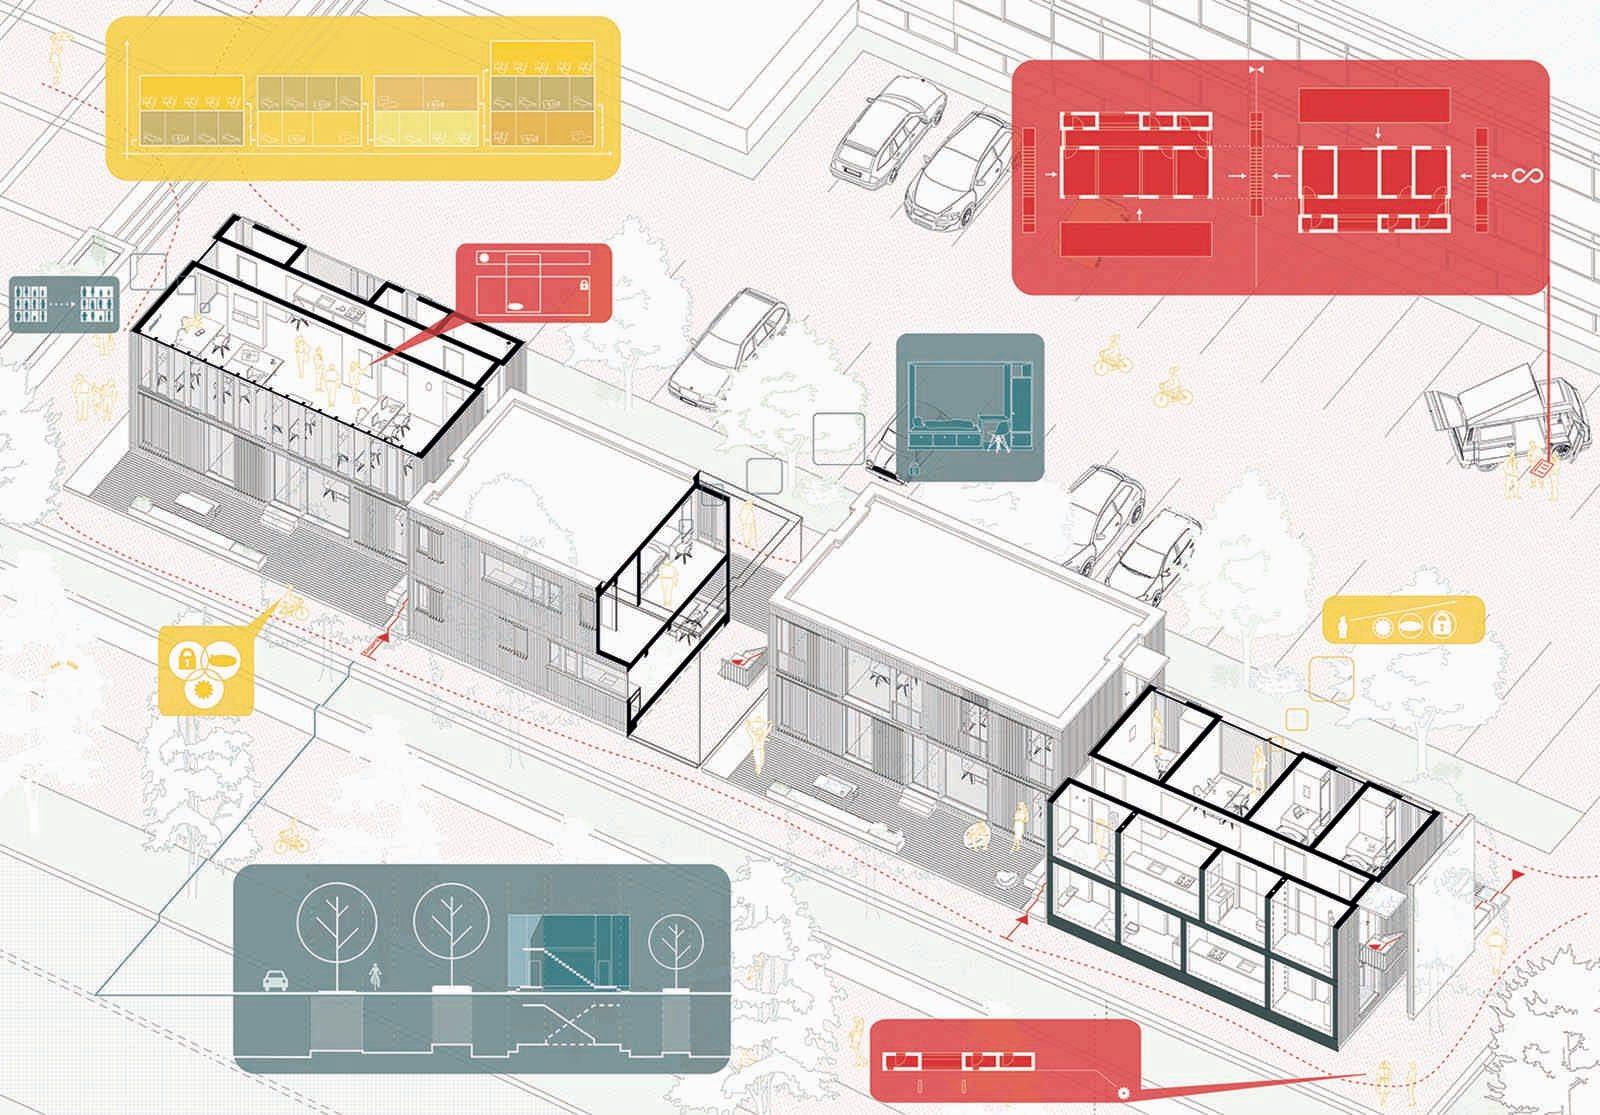 57 Squaremeter House.  Vorschlag von Paul Jakob Bohlen und Mathis Huismans